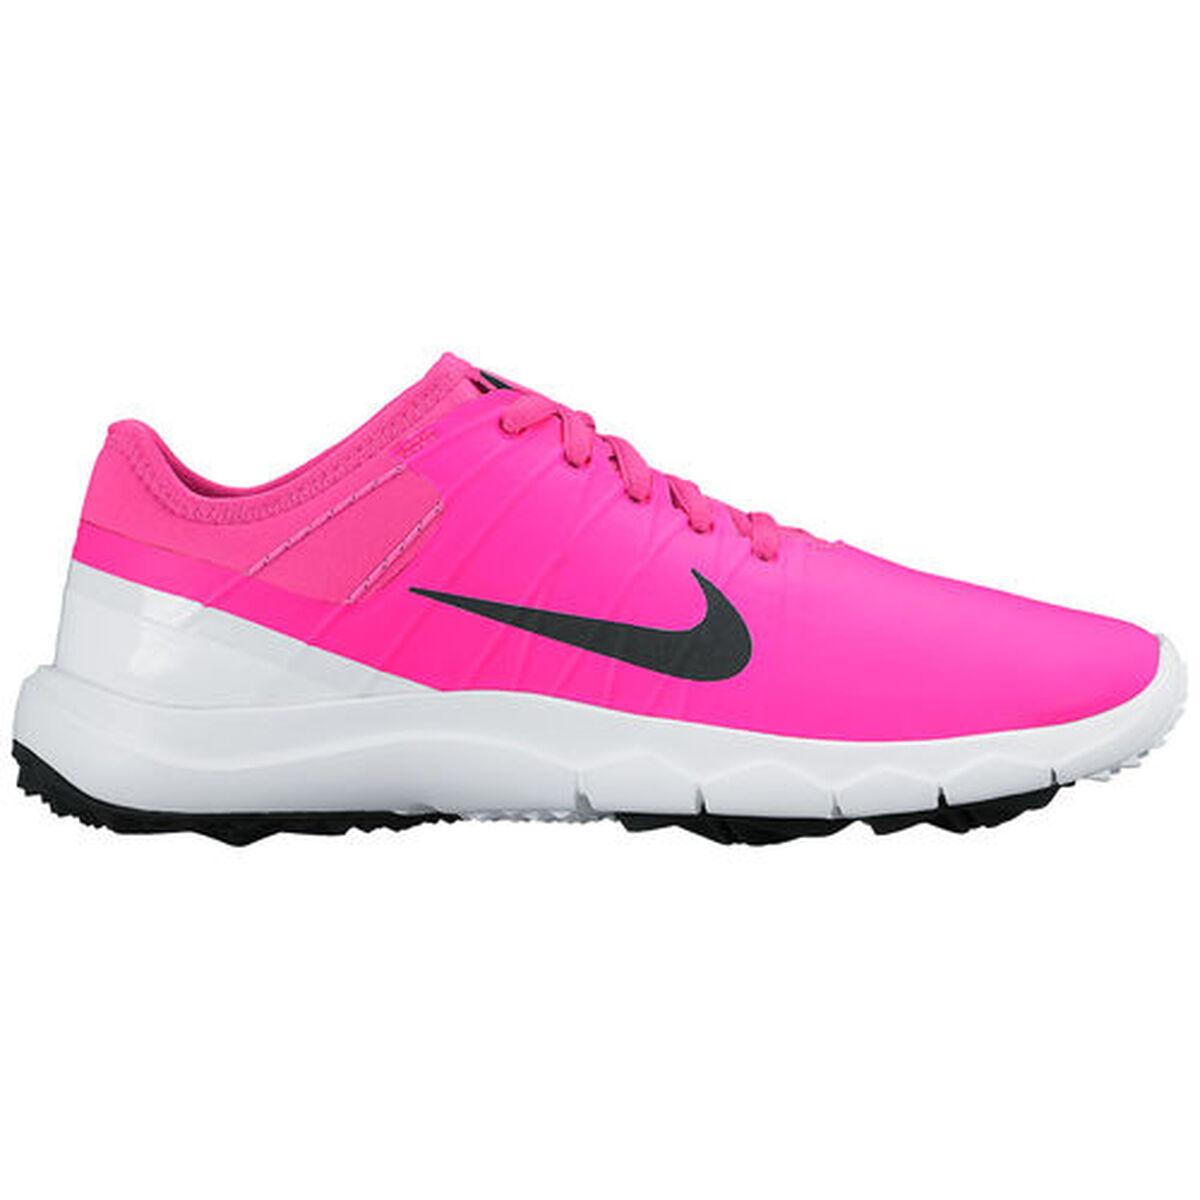 Nike FI Impact 2 Women s Golf Shoe - Pink b4eeb15a655